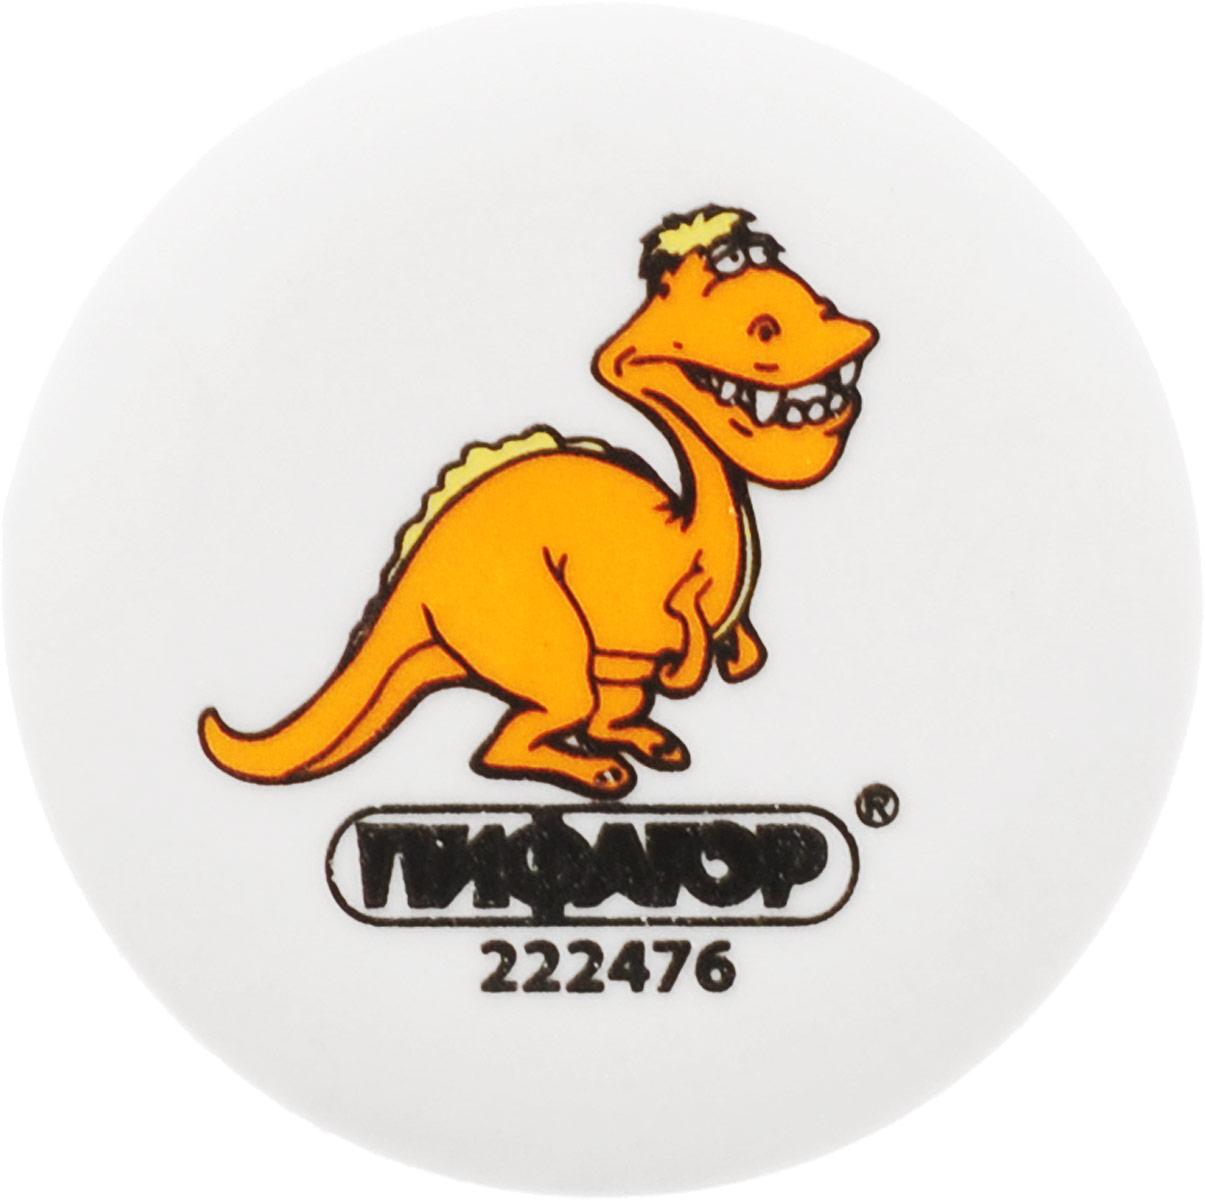 Пифагор Ластик Зверушка Динозавр222476_динозаврЛастик Пифагор Зверушка: Динозавр имеет округлую форму, благодаря чему его удобно держать. Такой ластик используется для удаления надписей, выполненных карандашом. Обеспечивает легкое и чистое стирание без повреждения поверхности бумаги и без образования бумажной пыли.